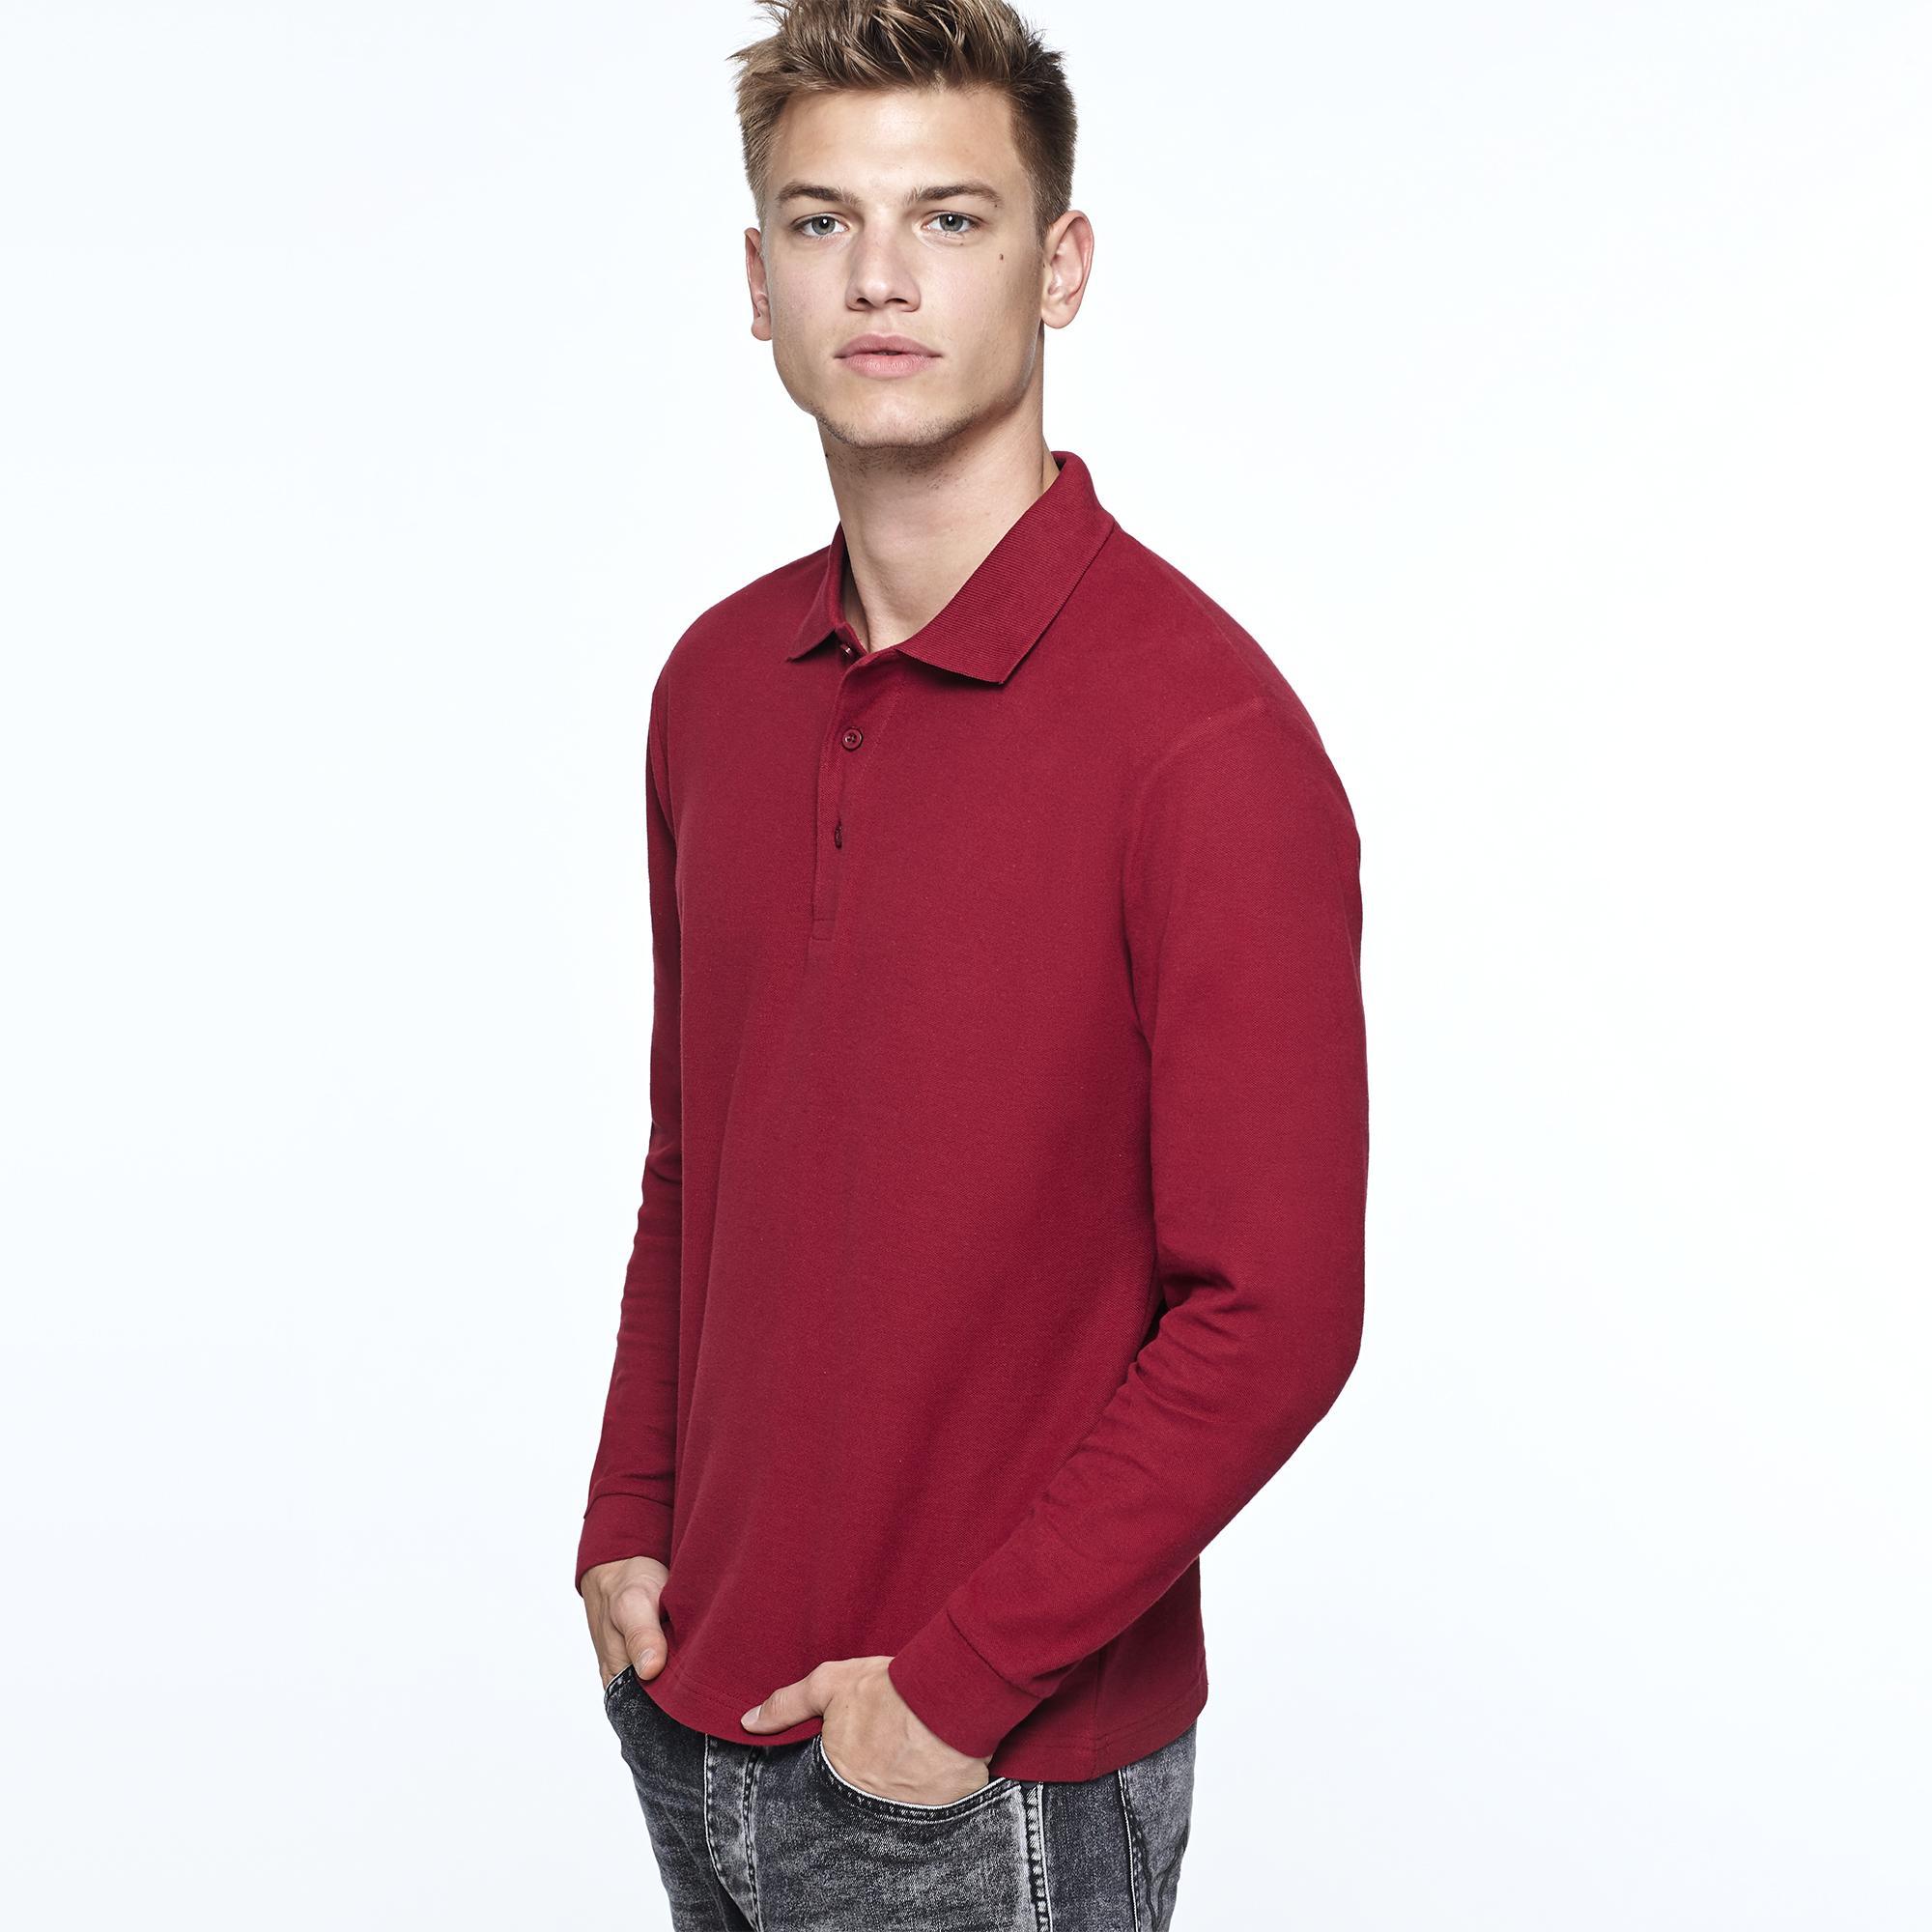 Πολο μπλουζακι προσφορά Estrella L S (PO6635)  b983a258484